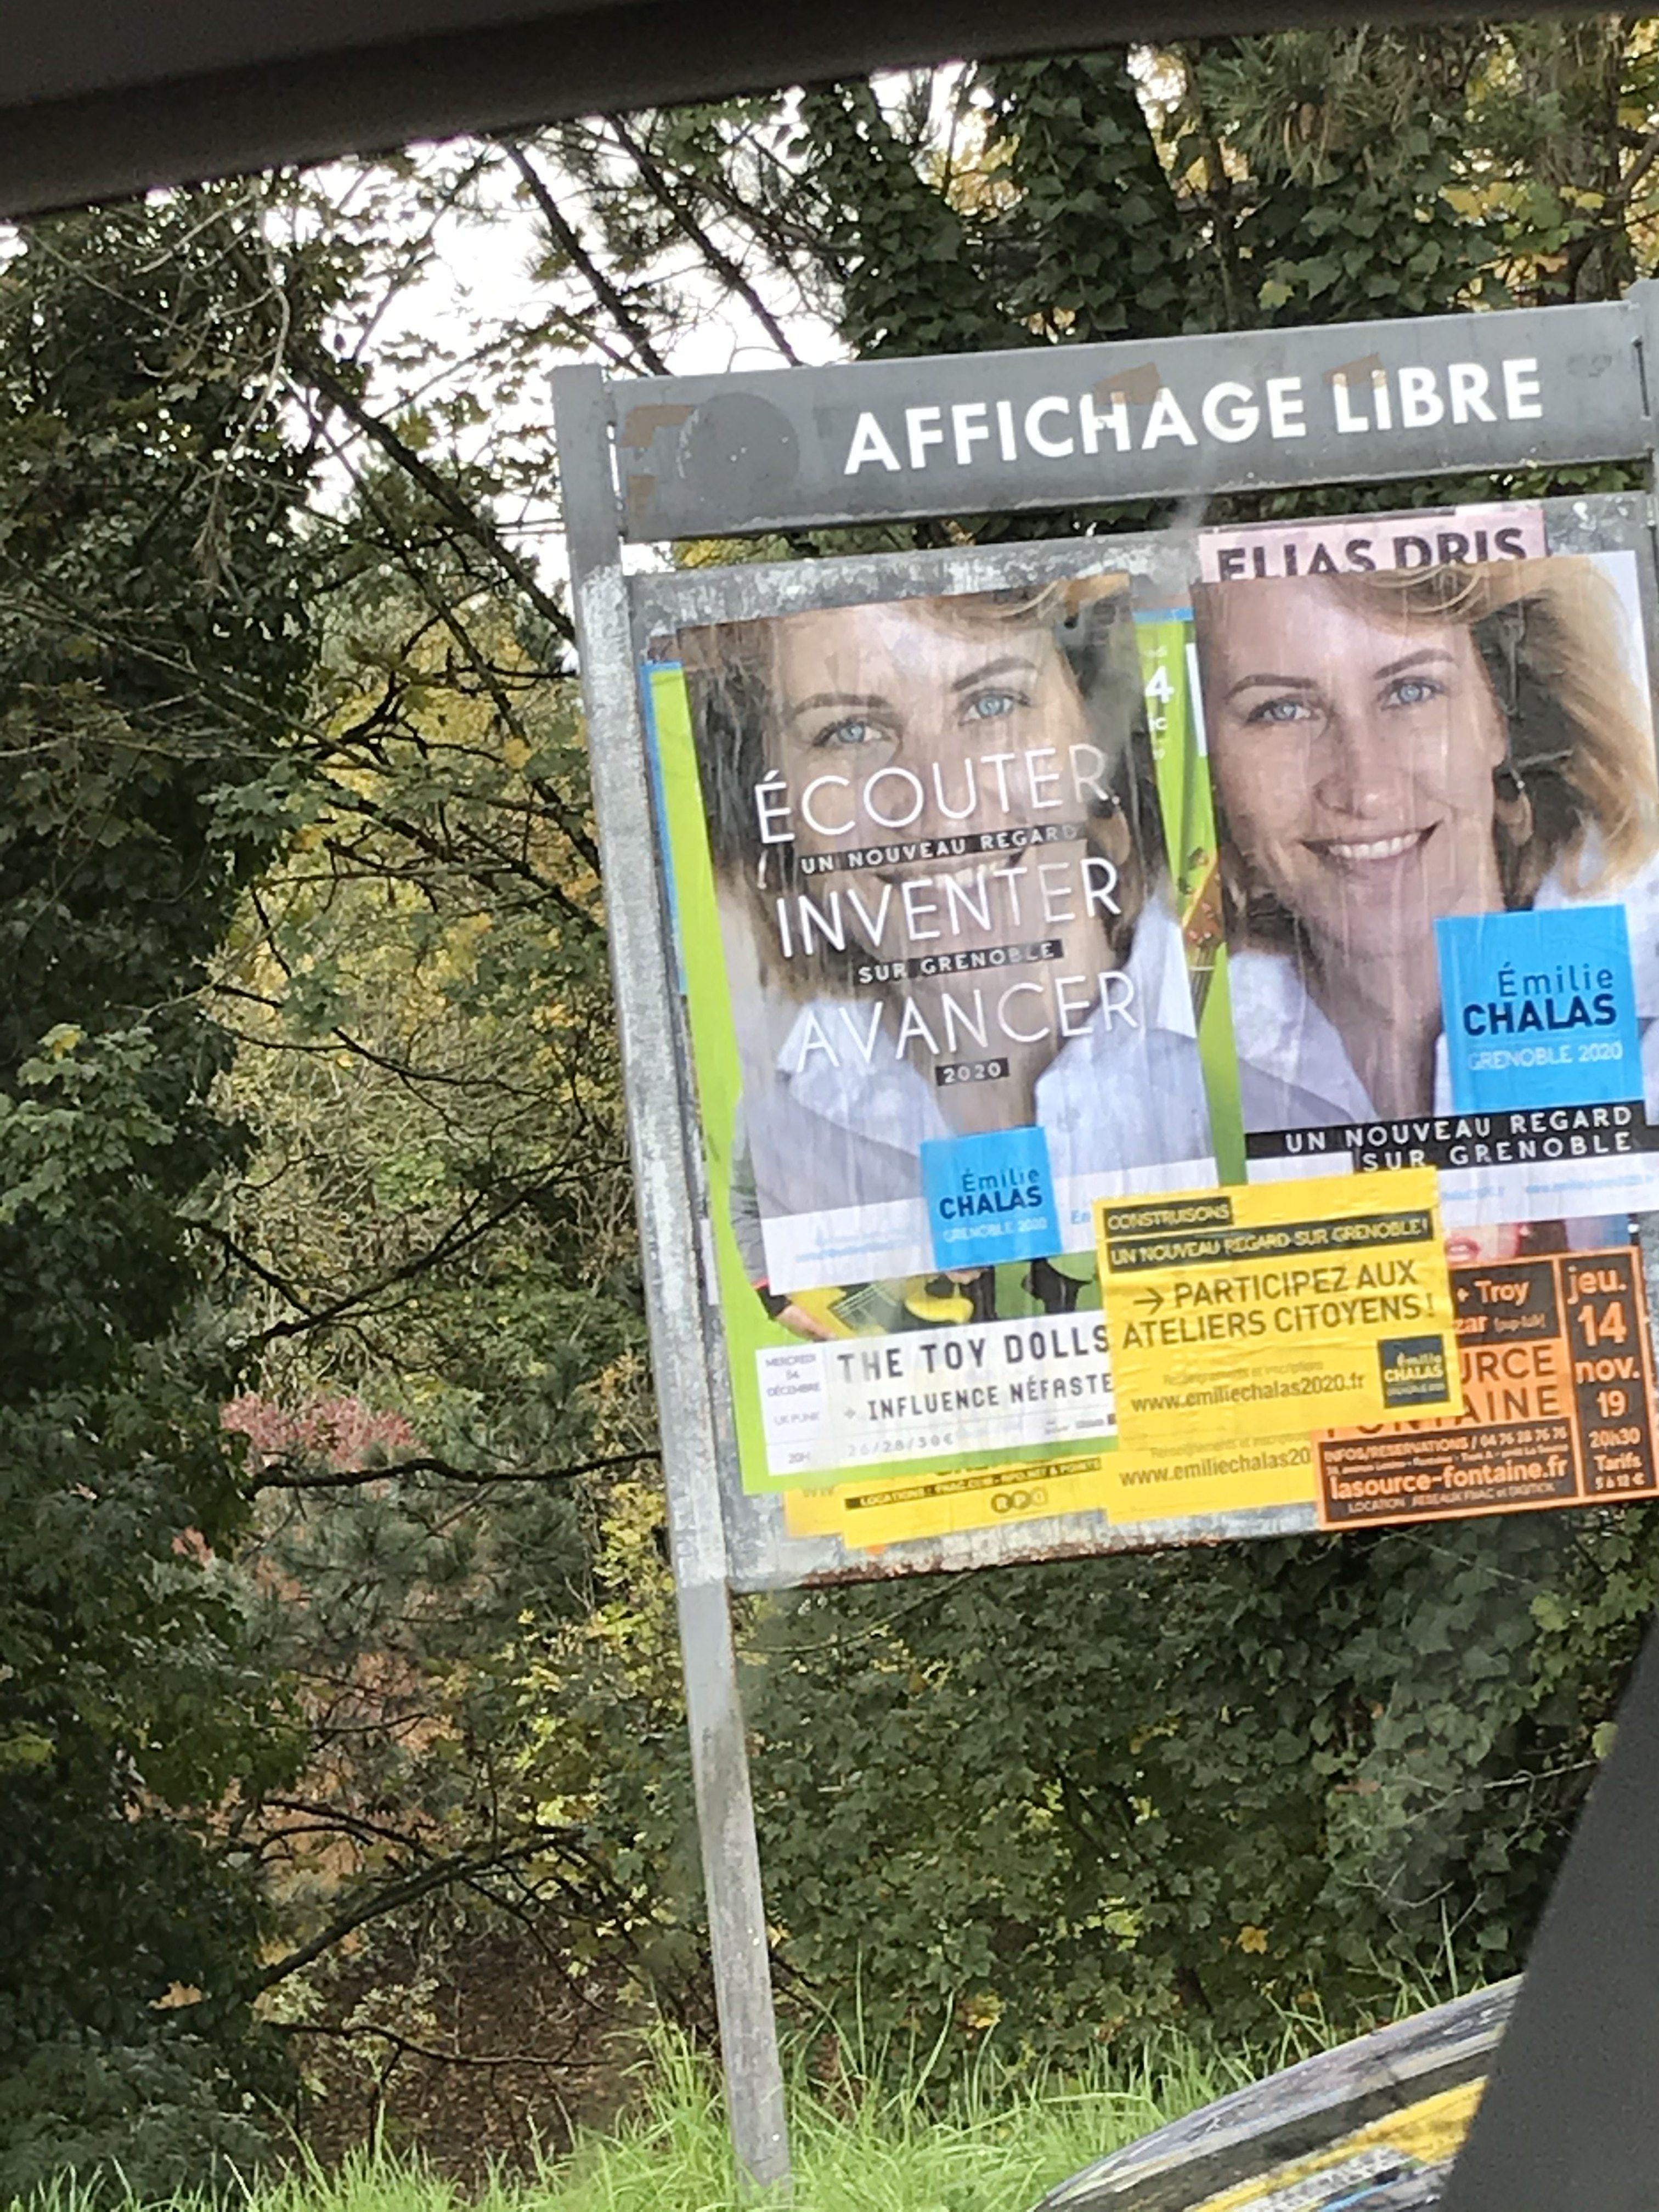 Emilie Chalas, député LREM, a honte de son parti ? Elle se présente aux municipales sans étiquette